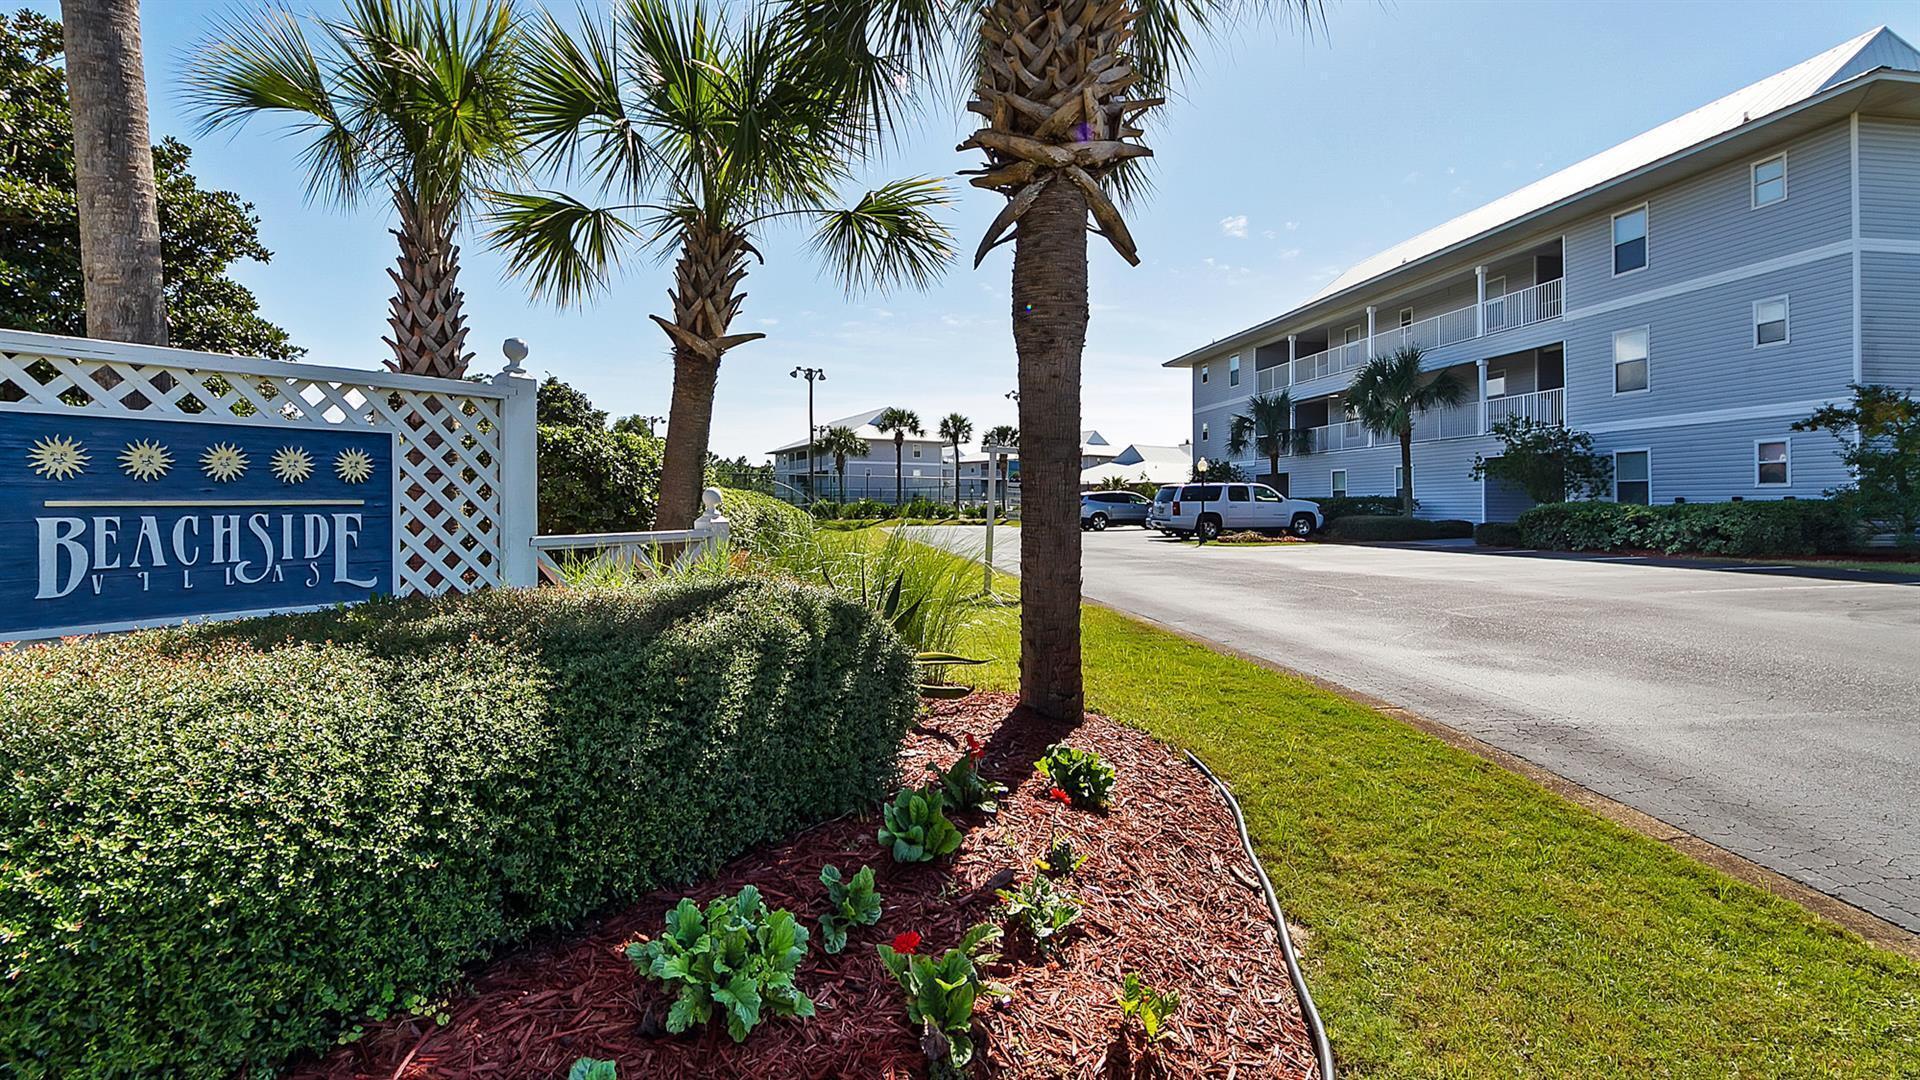 11 BEACHSIDE Drive 912, Santa Rosa Beach, FL 32459